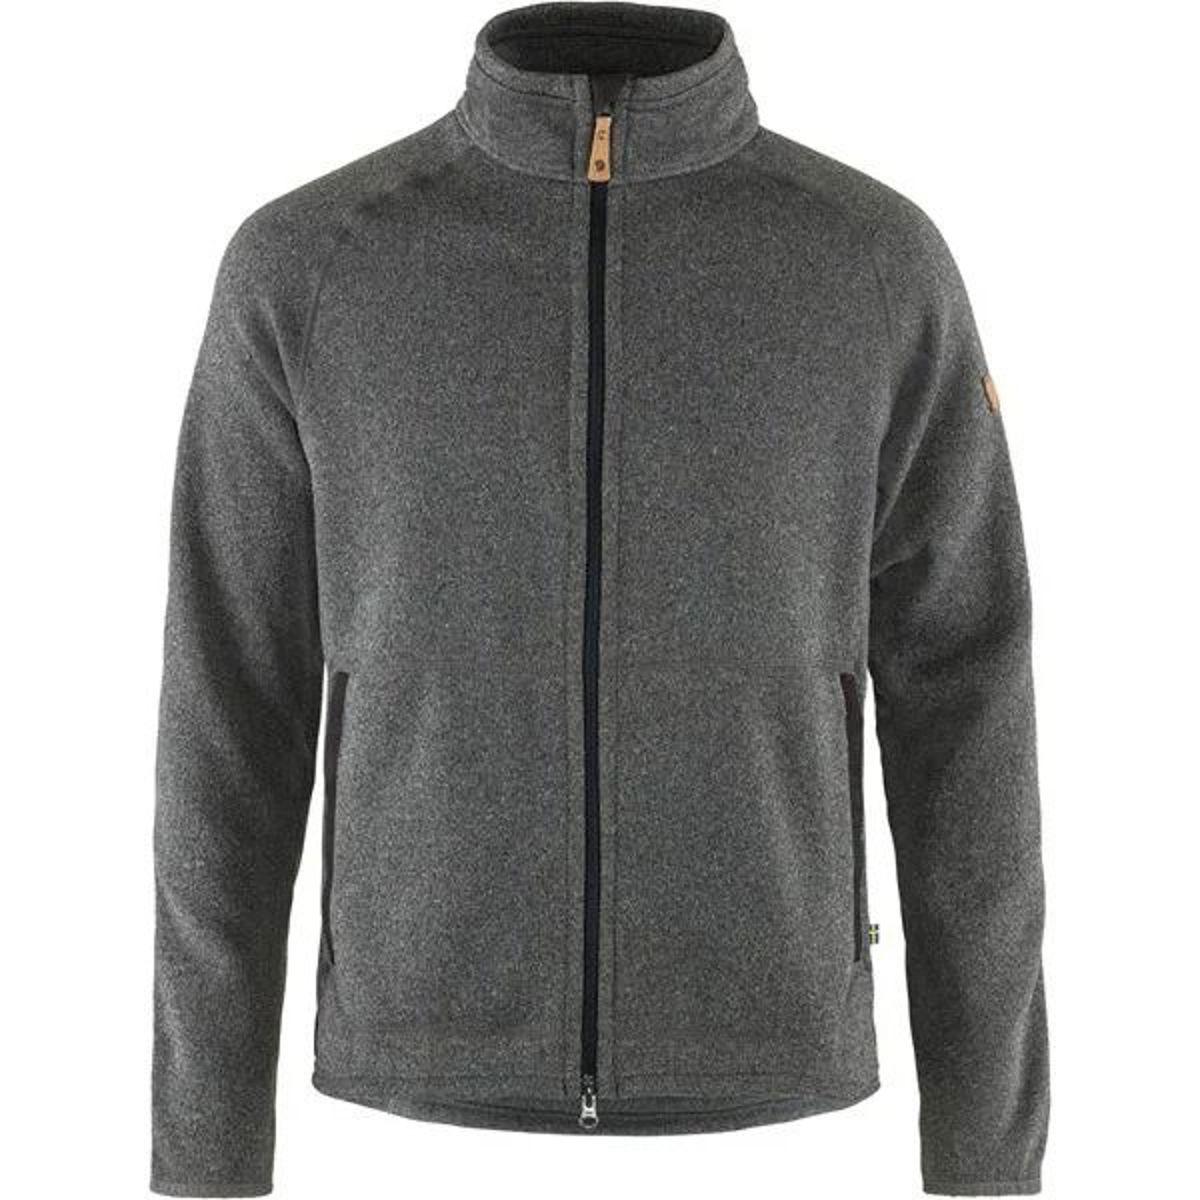 Fjällräven övik fleece vest dark grey m